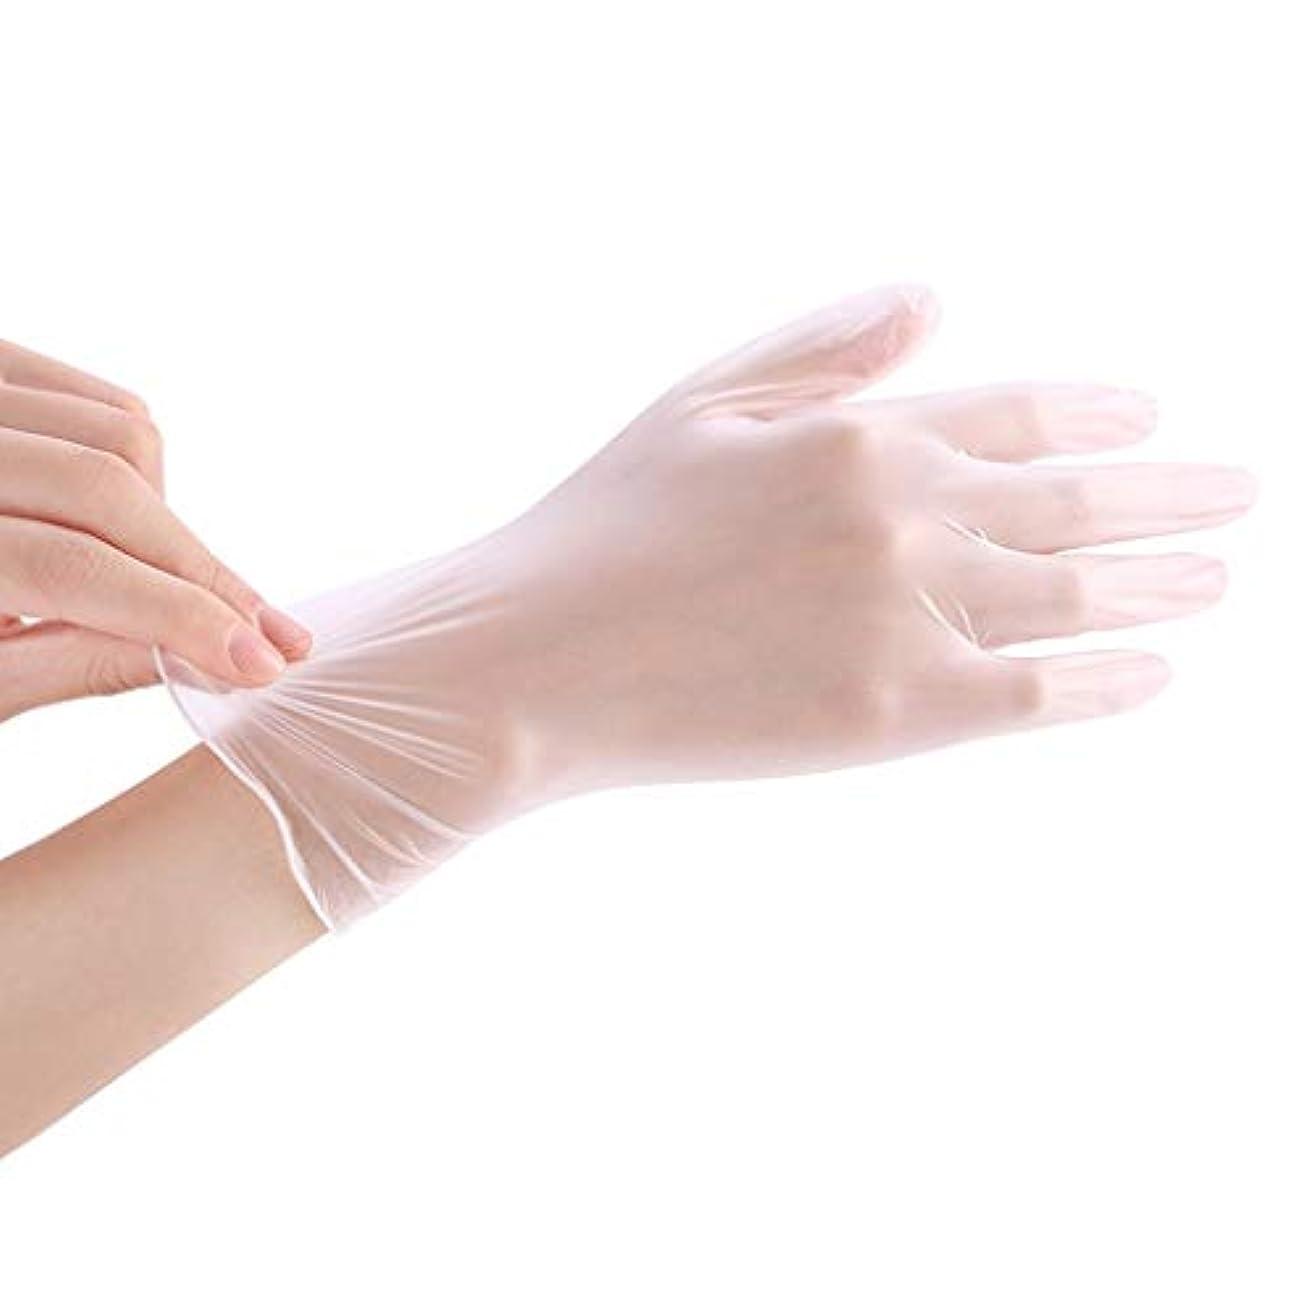 手伝うキャッチ魅力的であることへのアピール使い捨て透明食品ケータリンググレードPVC手袋美容キッチンベーキングフィルム手袋200 YANW (色 : トランスペアレント, サイズ さいず : L l)